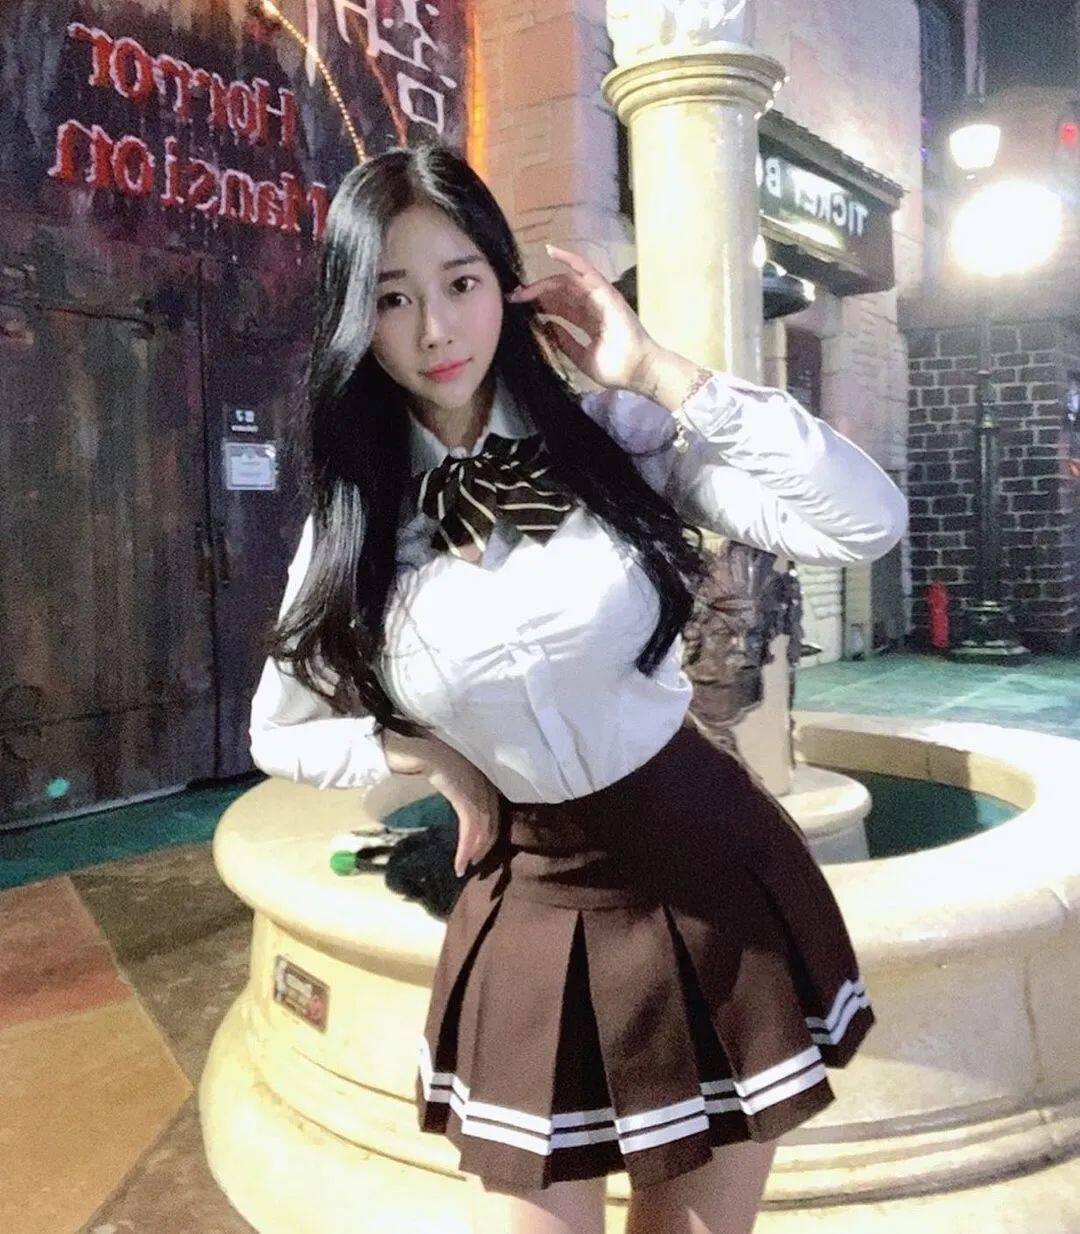 清纯脸蛋+暴力身材!喜欢穿比基尼的韩国正妹4